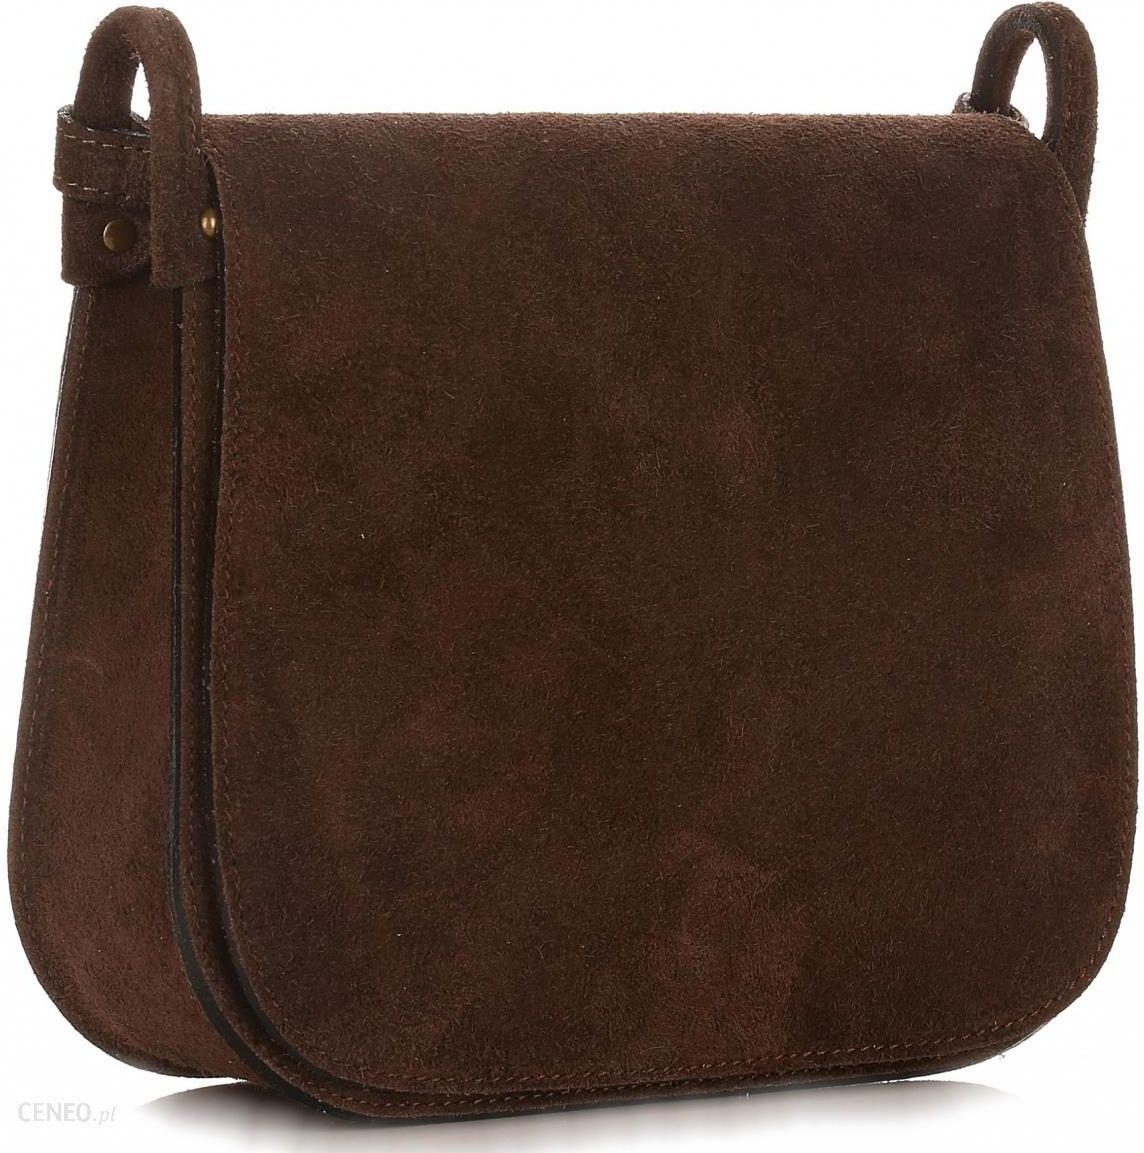 21903d6968bcf Torebki Listonoszki Skórzane Firmy Genuine Leather Czekoladowa (kolory) -  zdjęcie 1